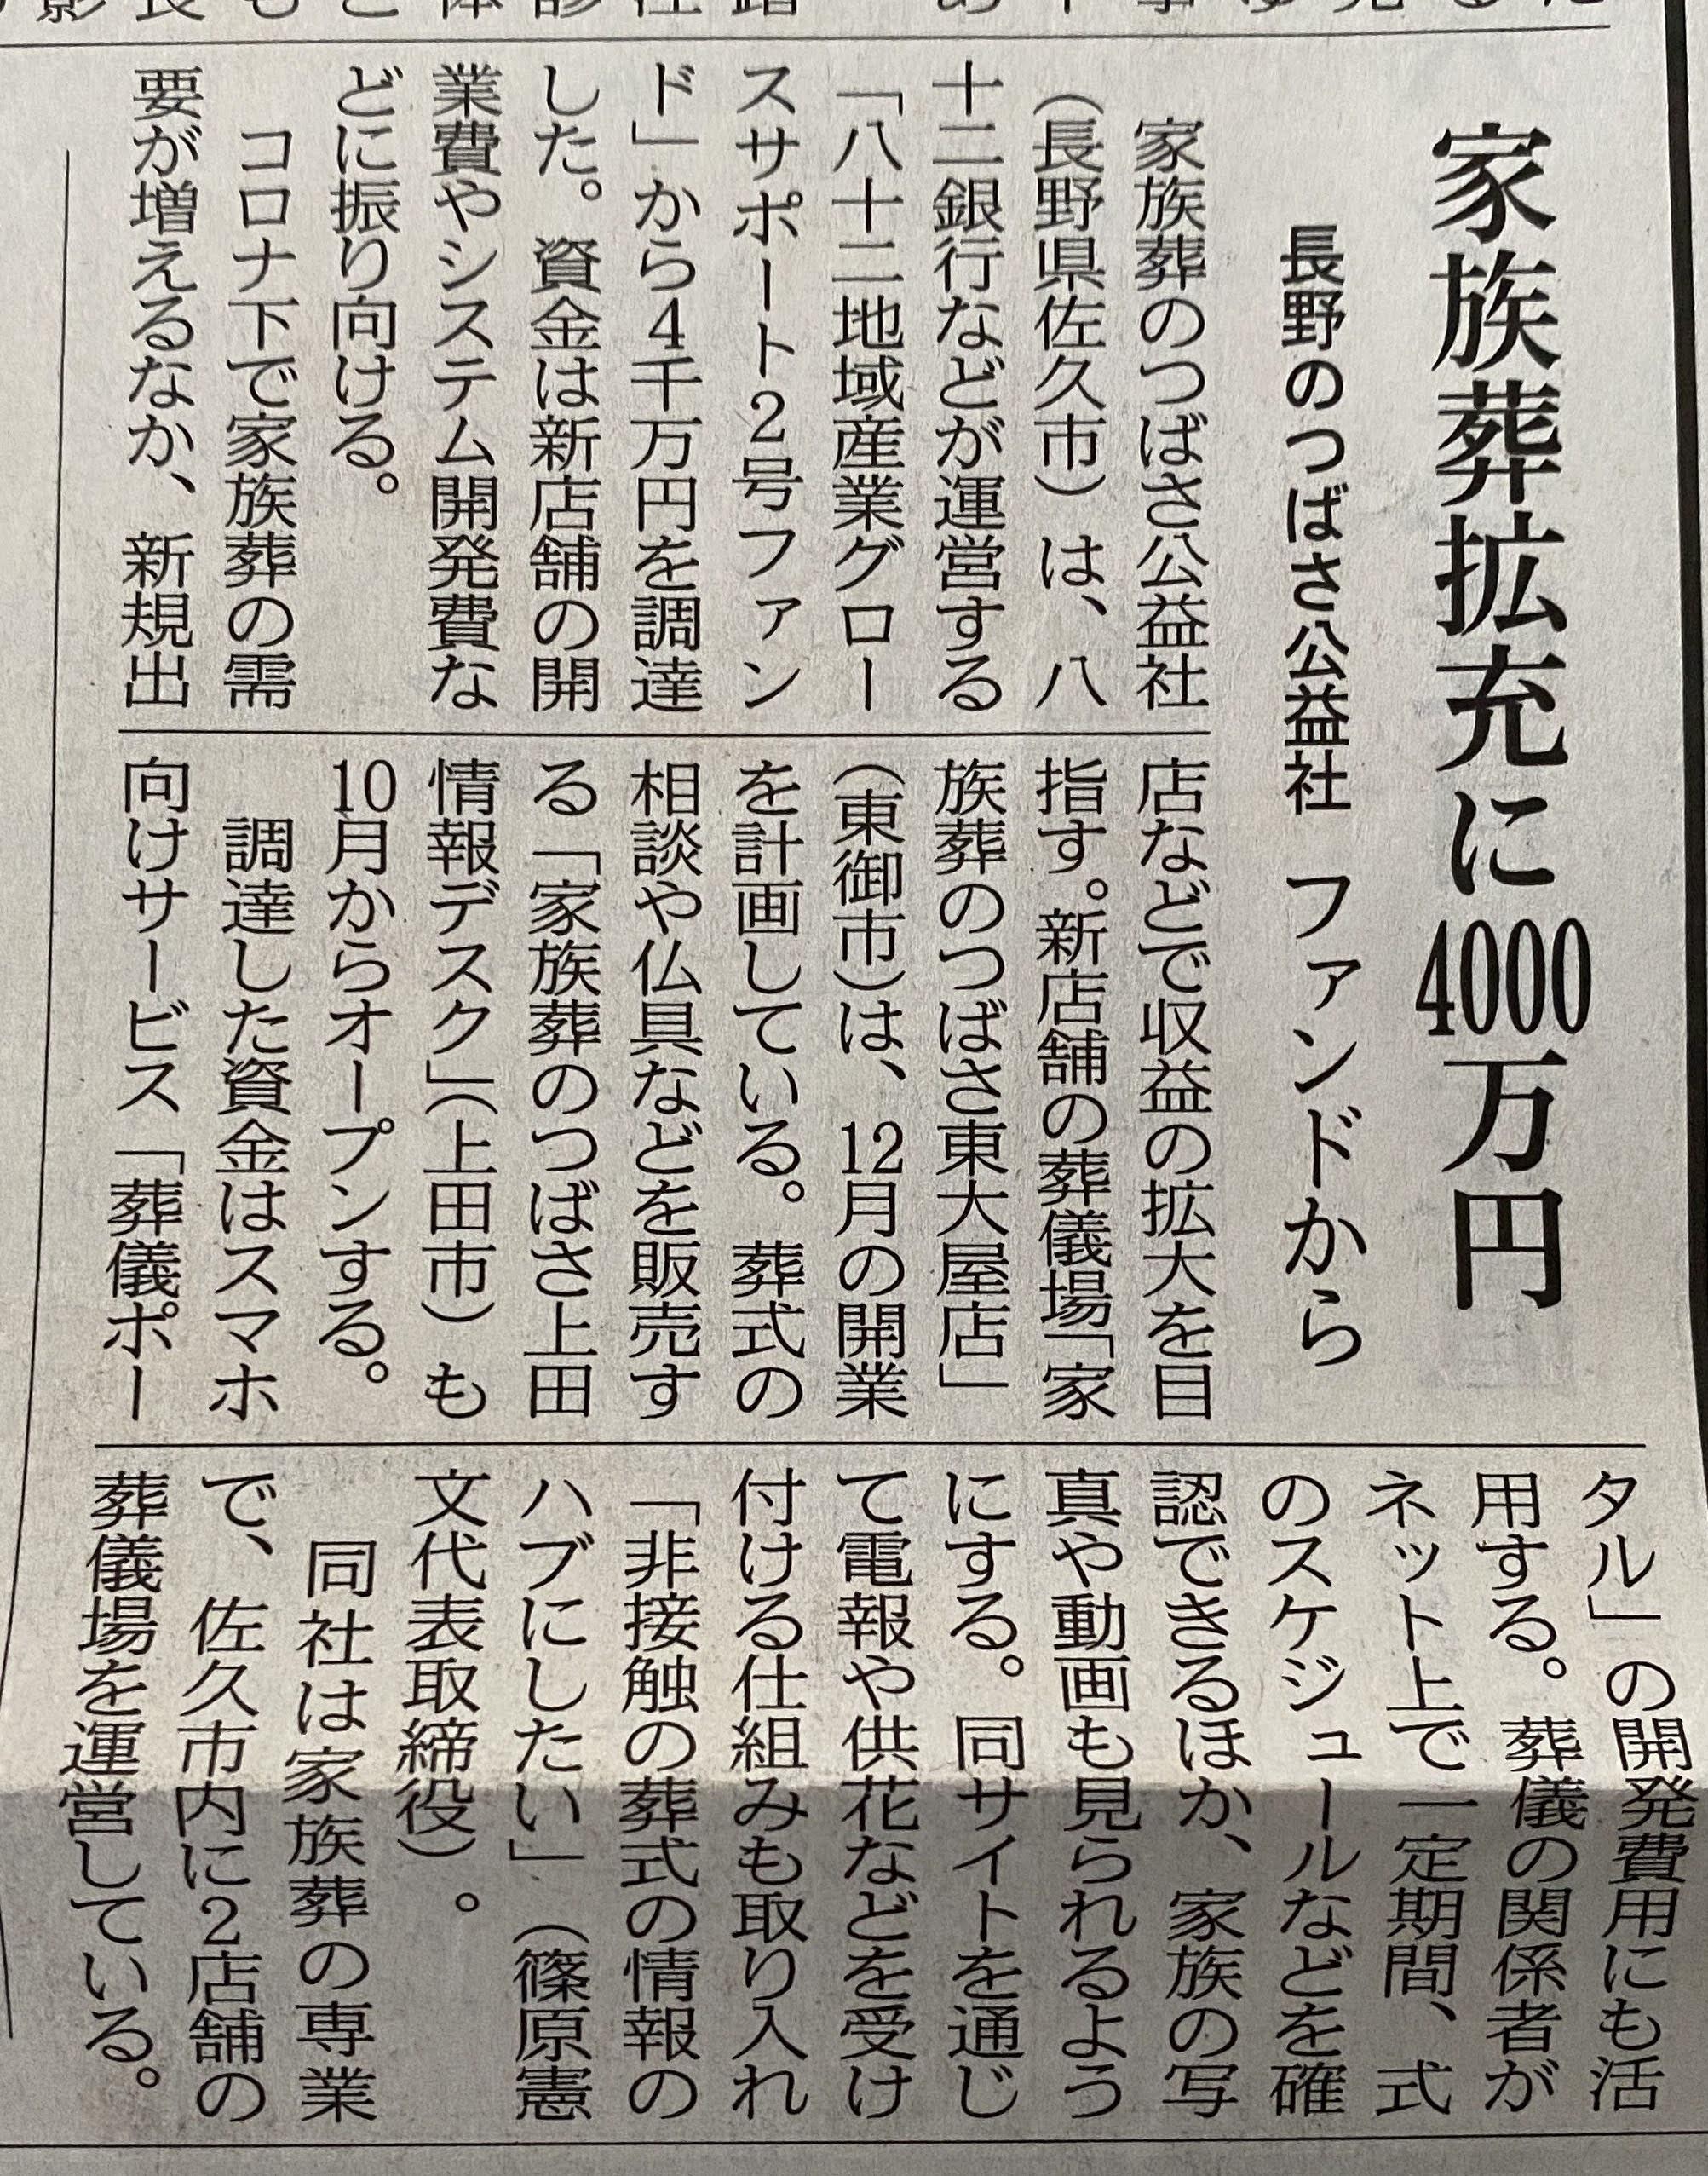 日本経済新聞20200916つばさ公益社八十二キャピタル資金調達